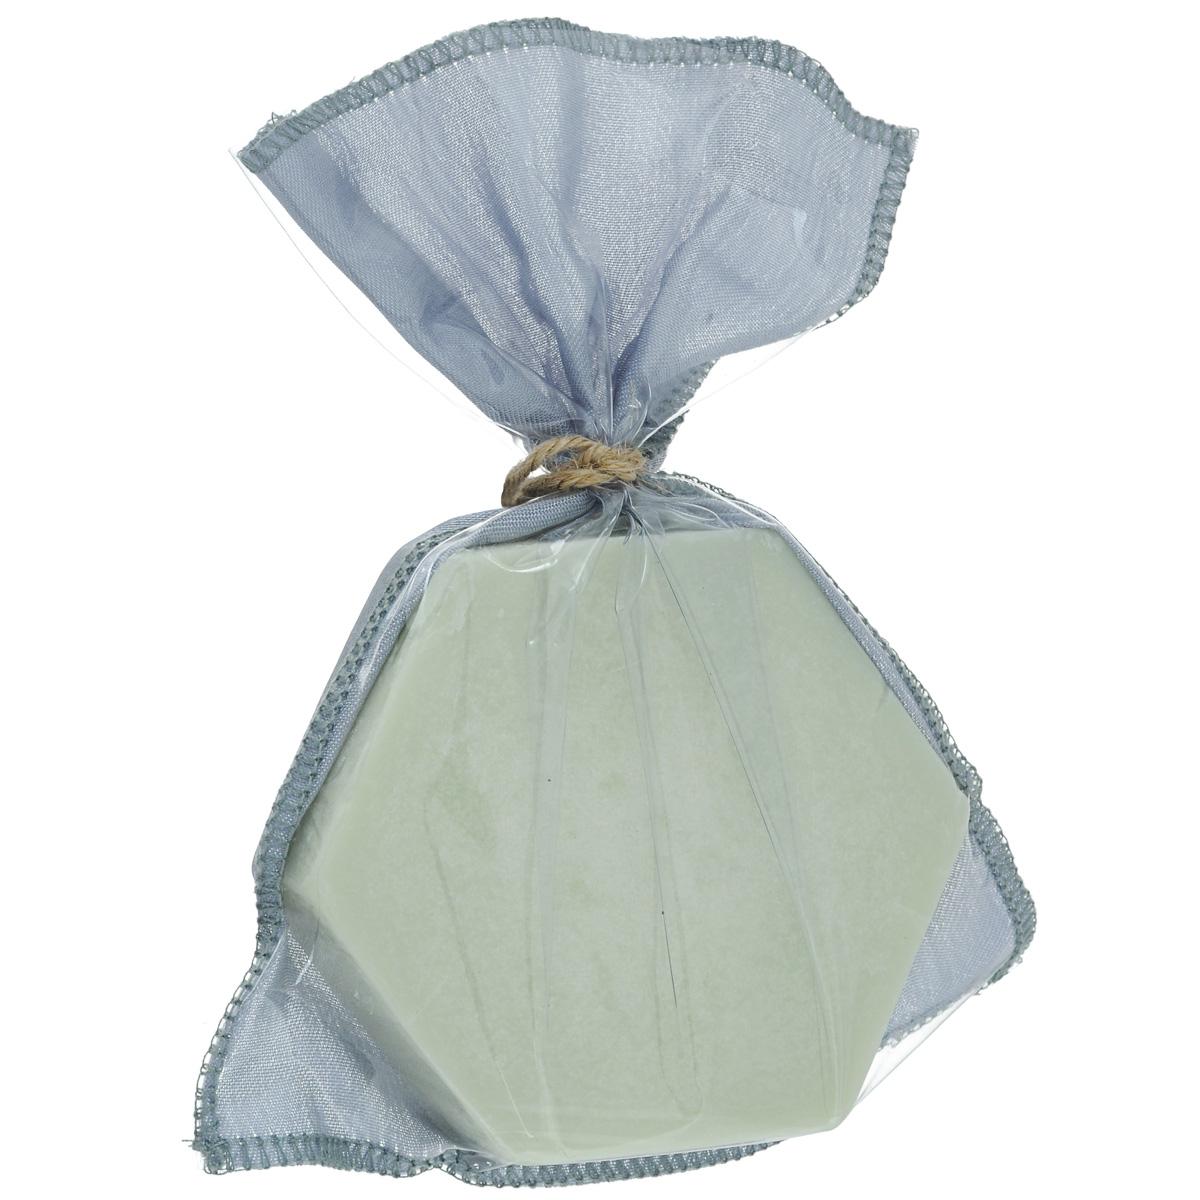 Зейтун Твёрдое массажное масло для тела №3 антицеллюлитное, 100 гZ3503Масла грейпфрута и виноградных косточек благодаря своим свойствам традиционно входят в состав средств против целлюлита. Это массажное масло разглаживает кожу, уменьшая эффект апельсиновой корки, а также прекрасно увлажняет, питает и смягчает кожу, защищая её в течение дня. Равноценная натуральная альтернатива крему или молочку для тела. Быстро впитывается и не оставляет следов на одежде.